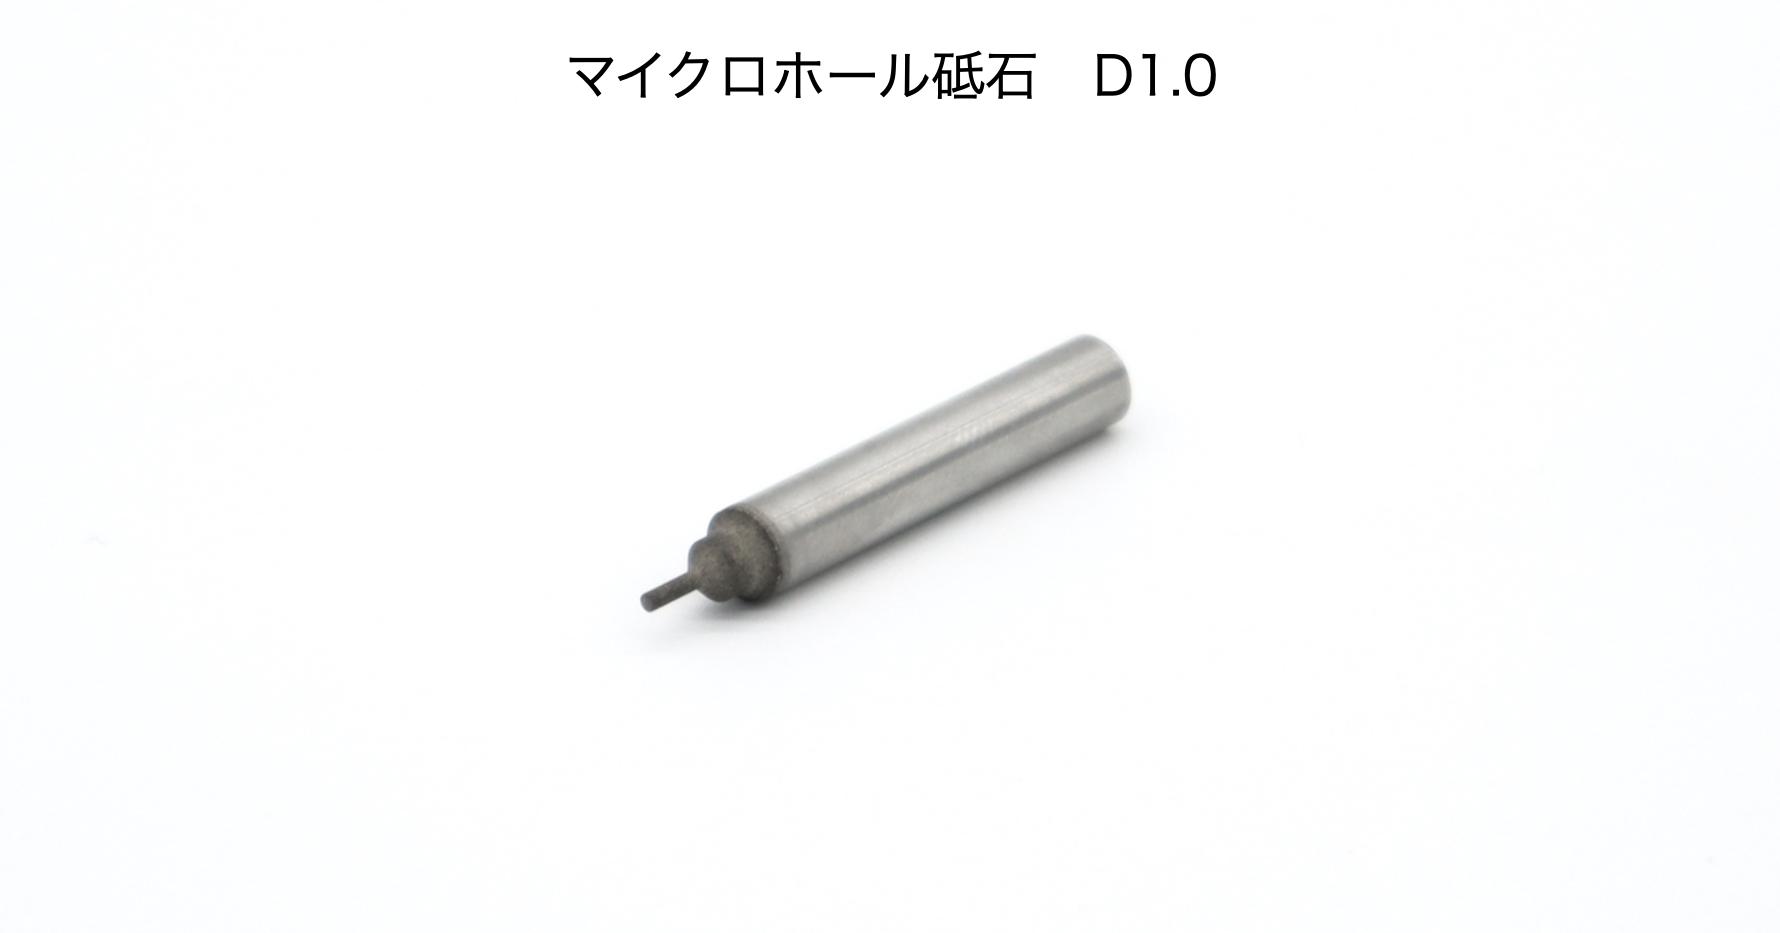 8_マイクロホール砥石 D1.0.png